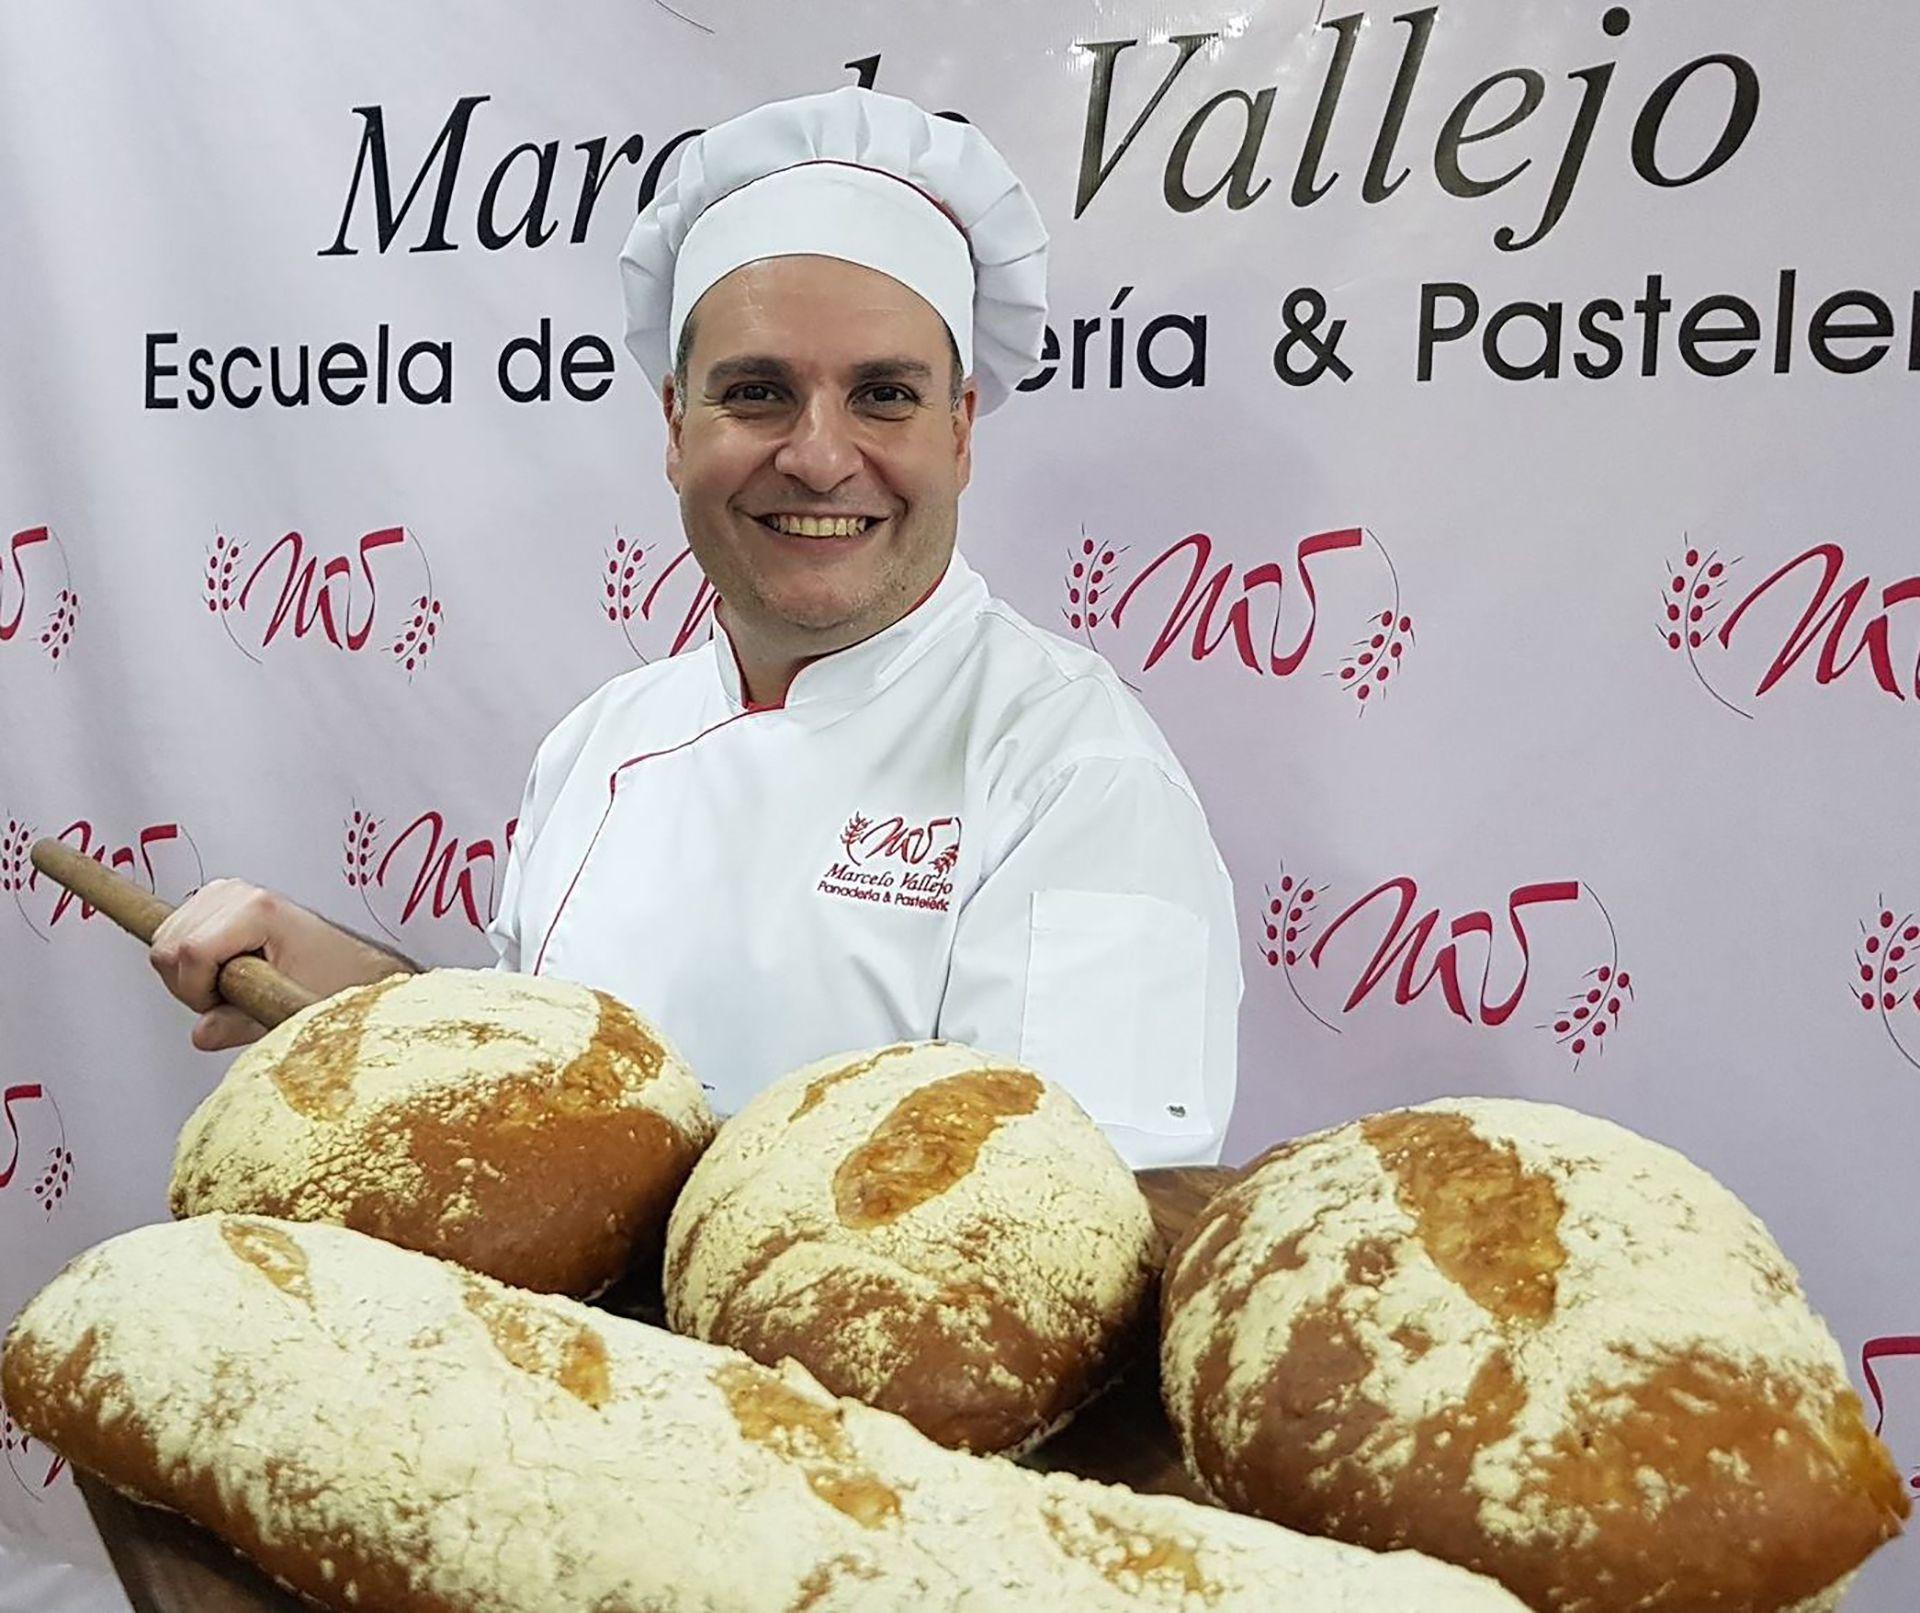 Desde que era un adolescente, Marcelo Vallejo entendió que la panadería y pastelería sería lo suyo